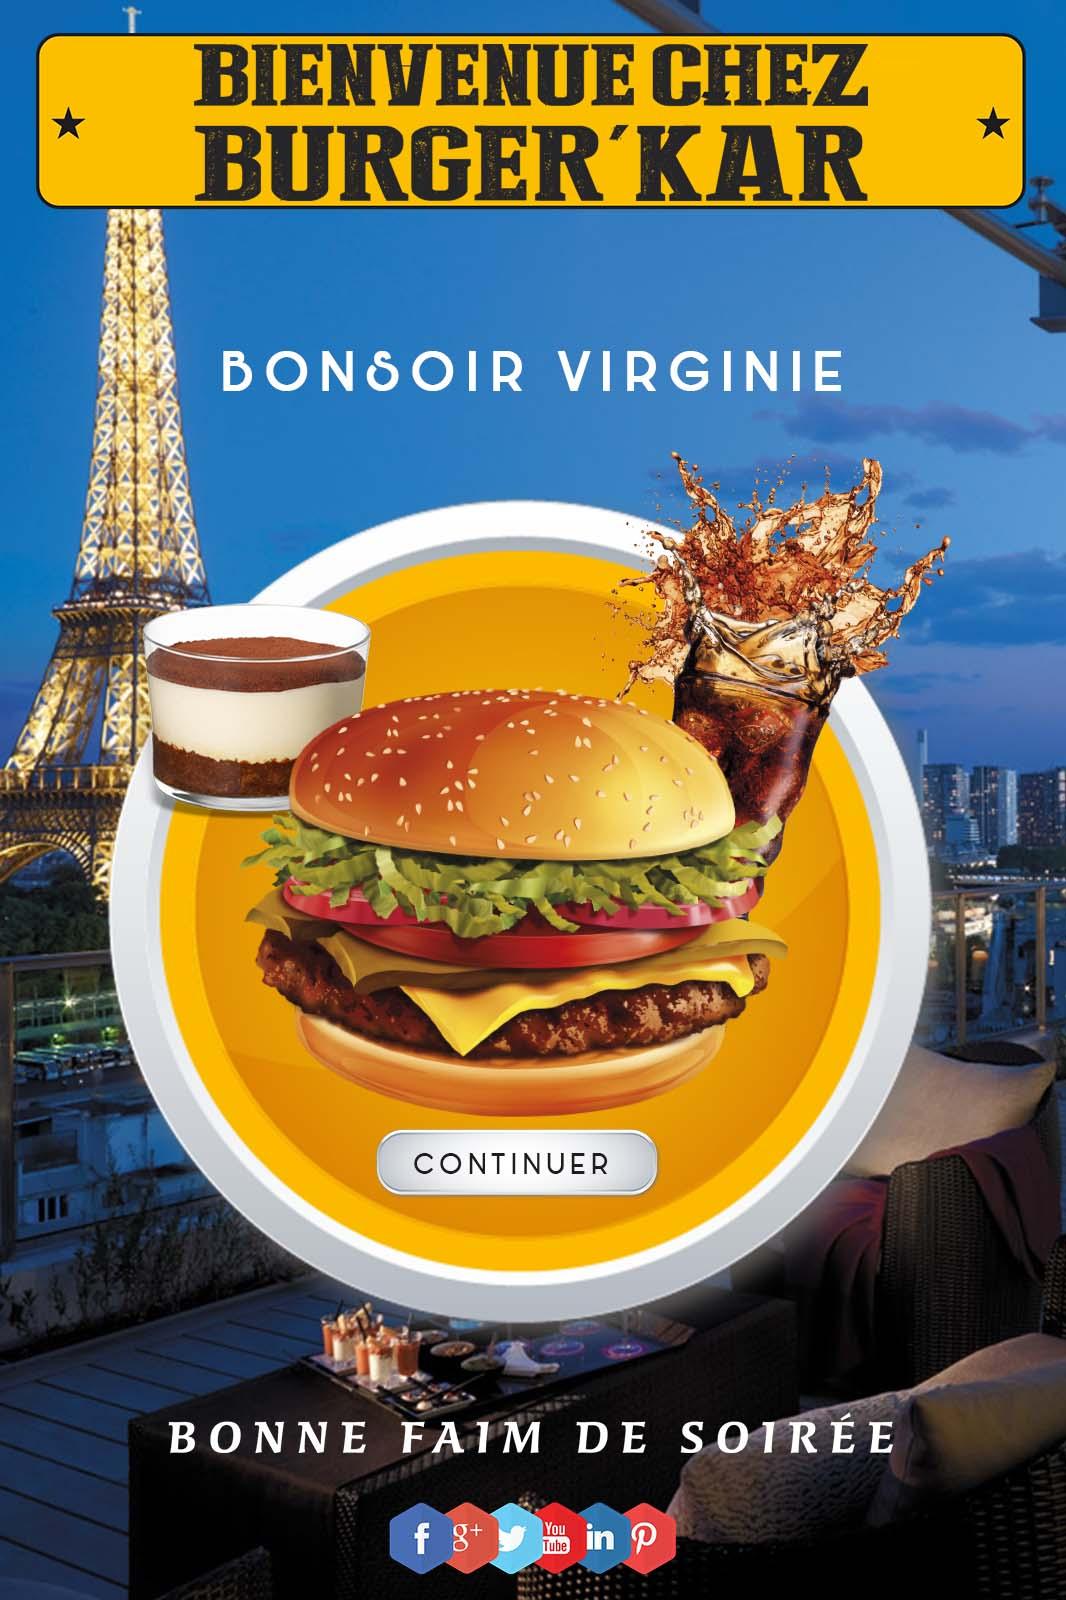 Burger Kar